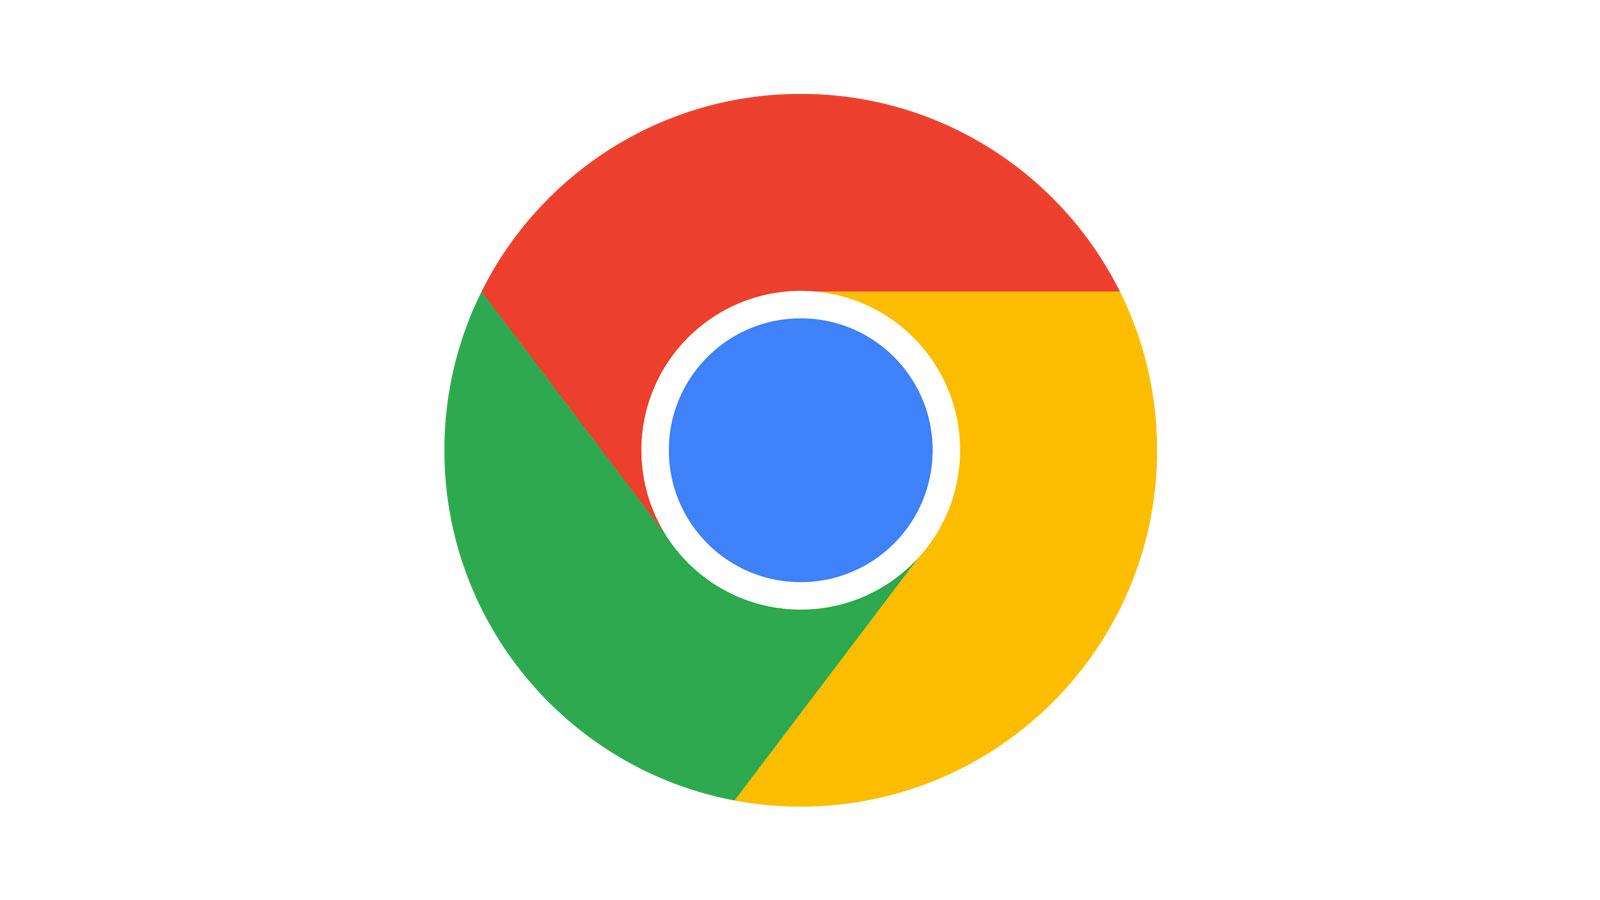 Chrome tente d'améliorer l'expérience des déficients visuels